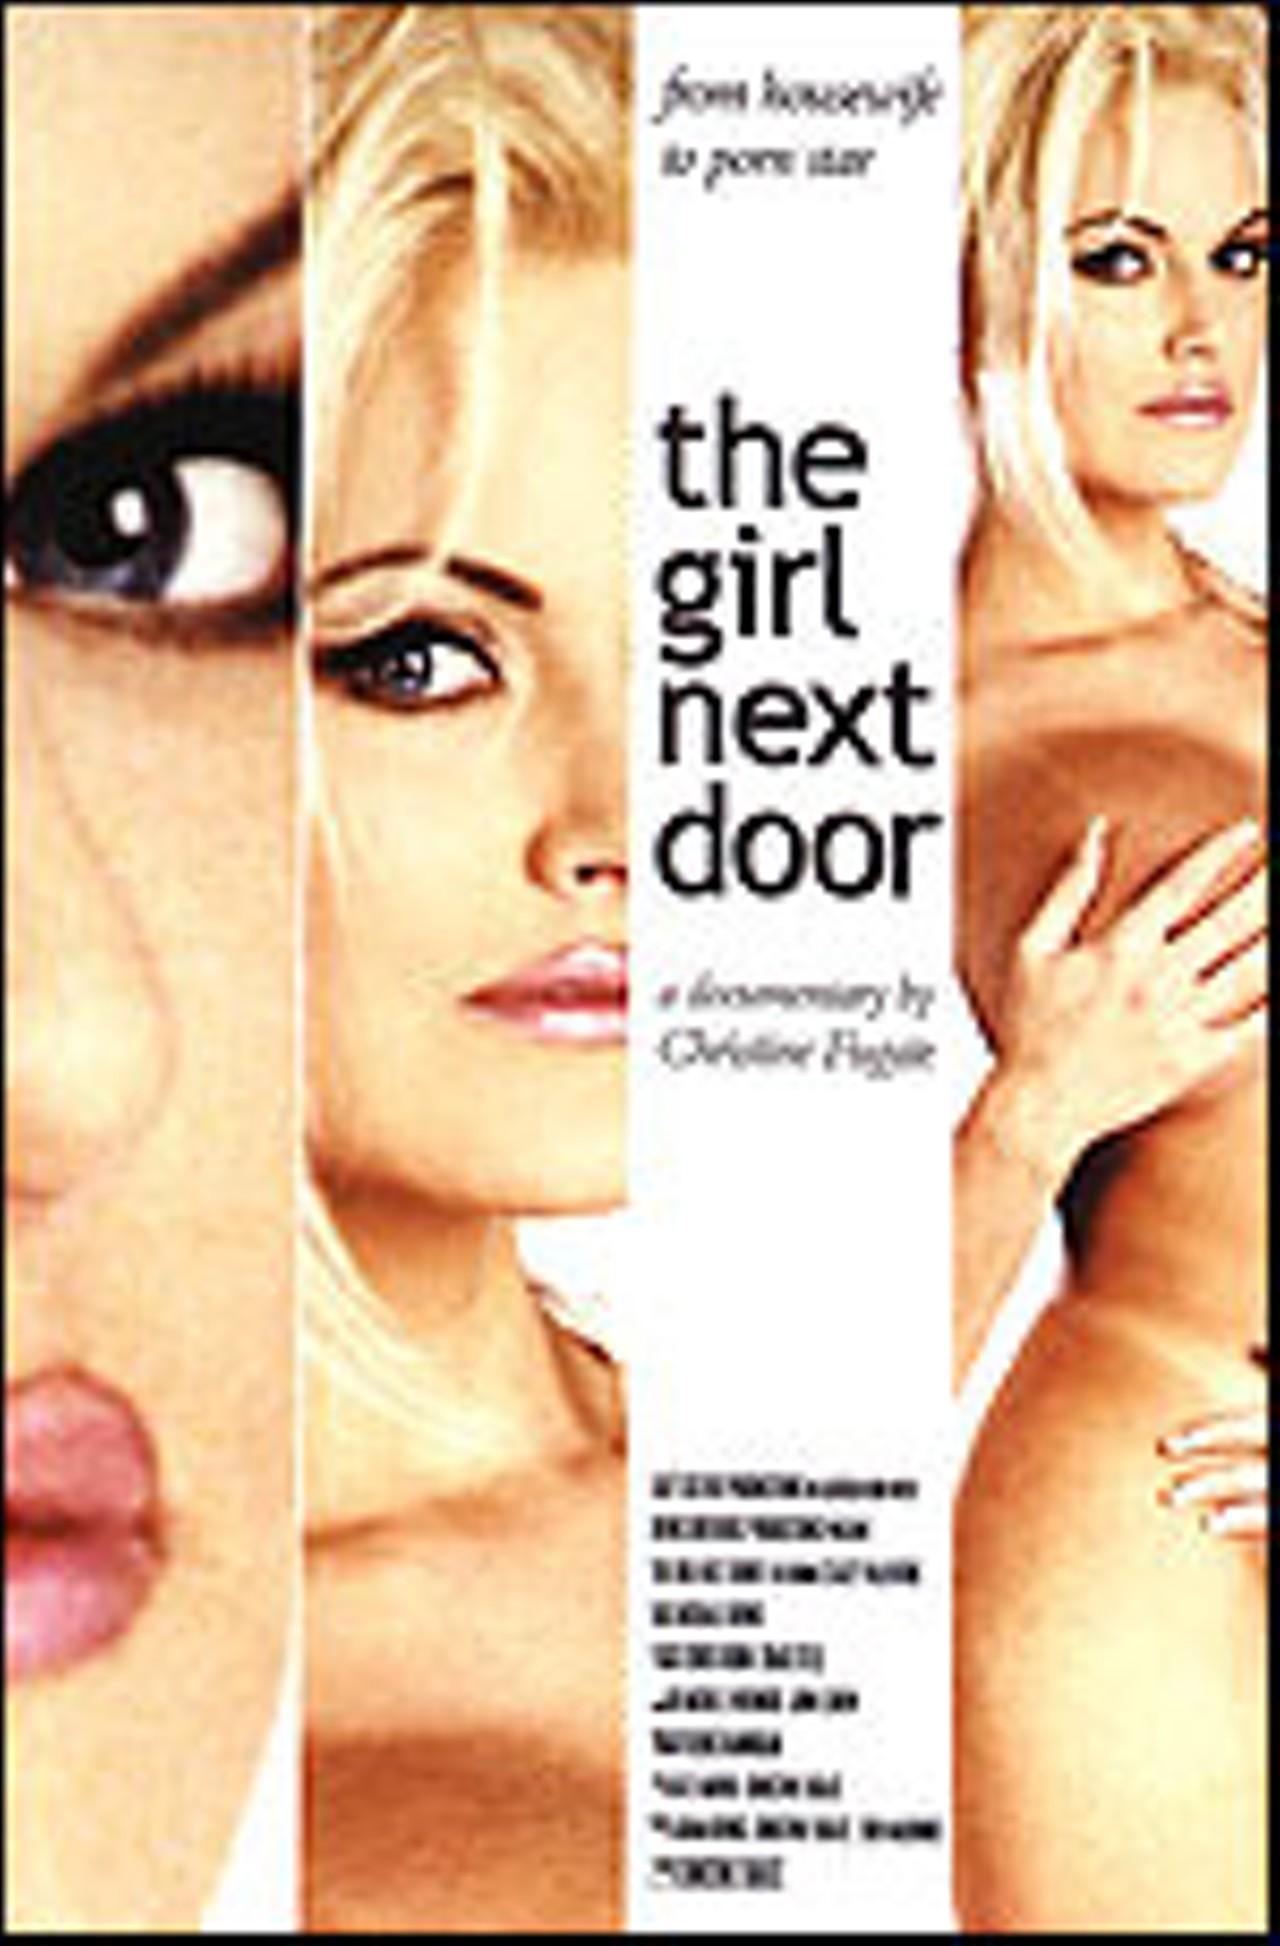 Смотреть онлайн the girl next door 2 12 фотография